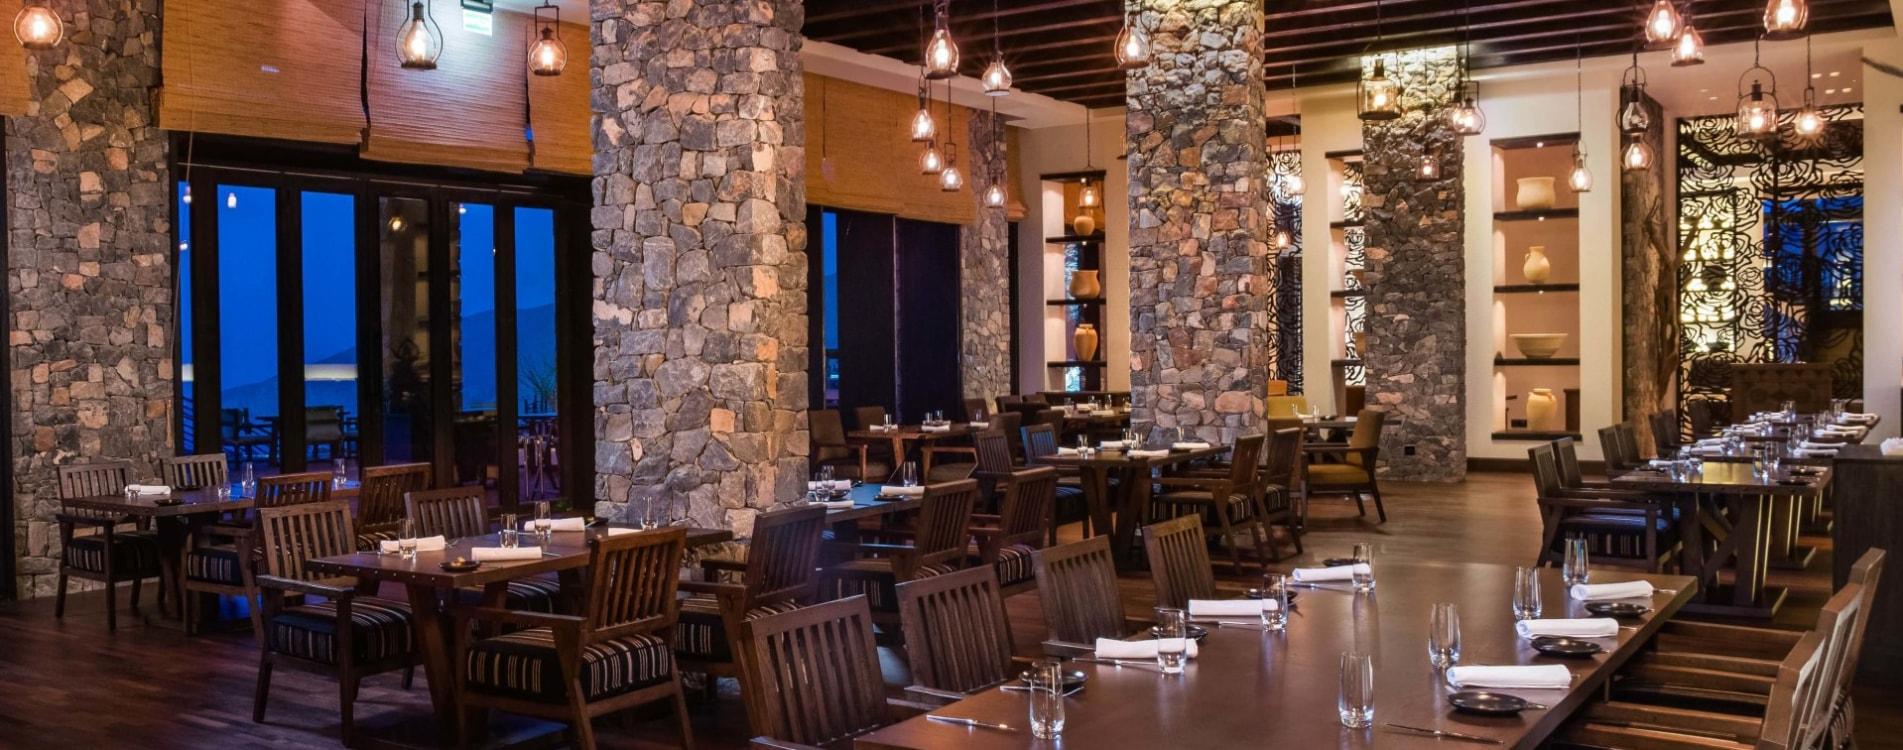 Alila-Jabal-Akhdar-Restaurant-Juniper-Interior-Abend-Oman.jpg